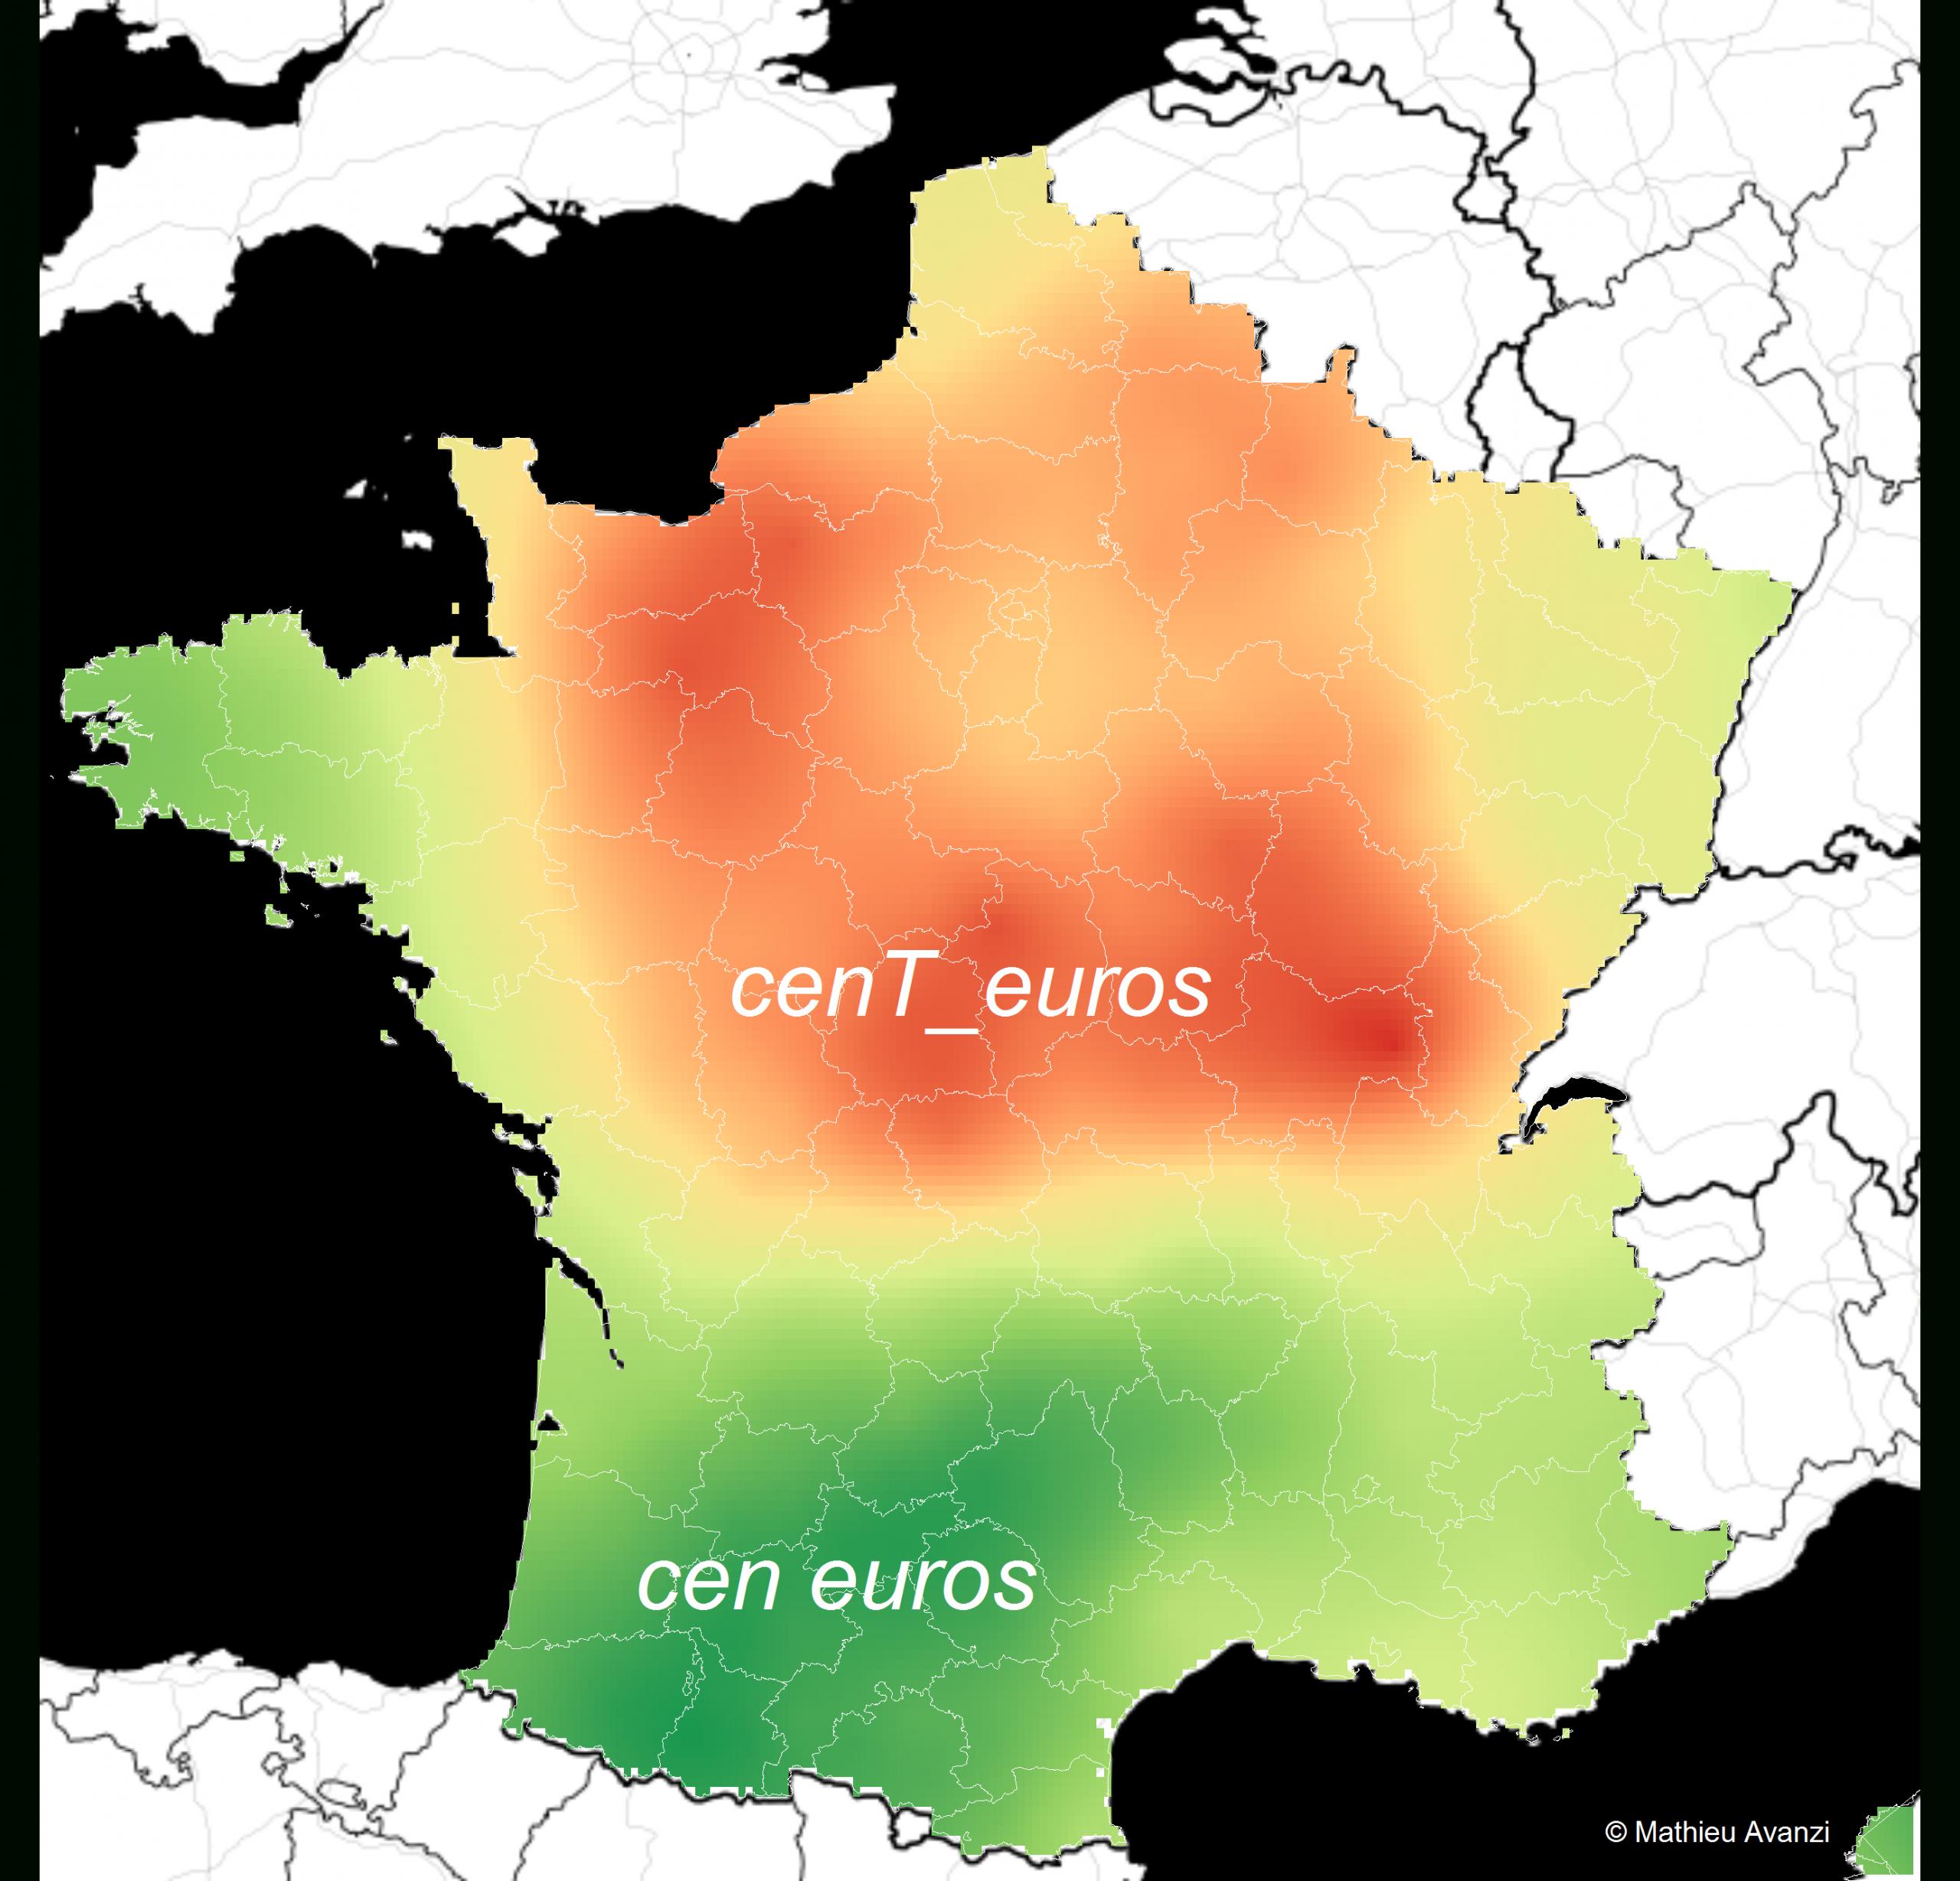 Ces Mots Qui Ne Se Prononcent Pas De La Même Façon D'un Bout intérieur Apprendre Les Régions De France